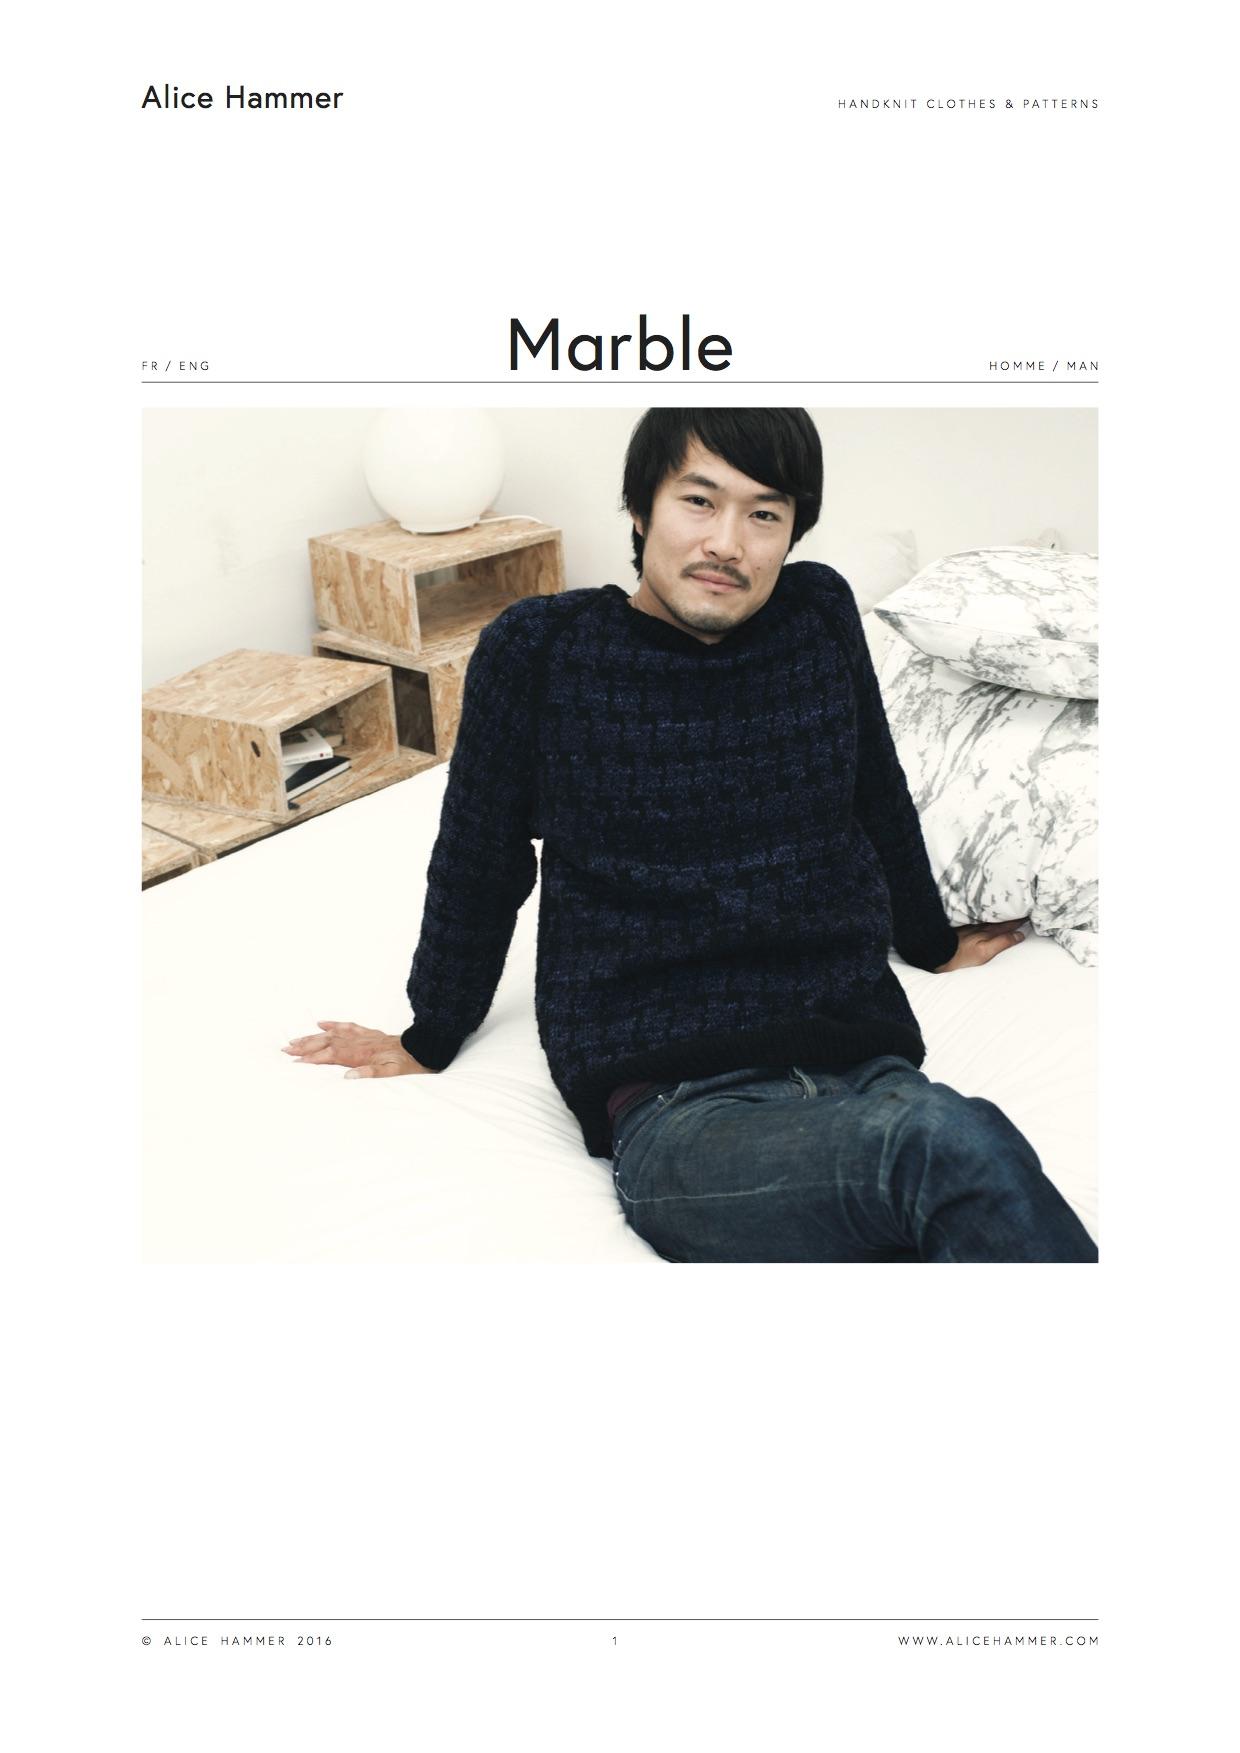 marble-homme-pdf-p1.jpg